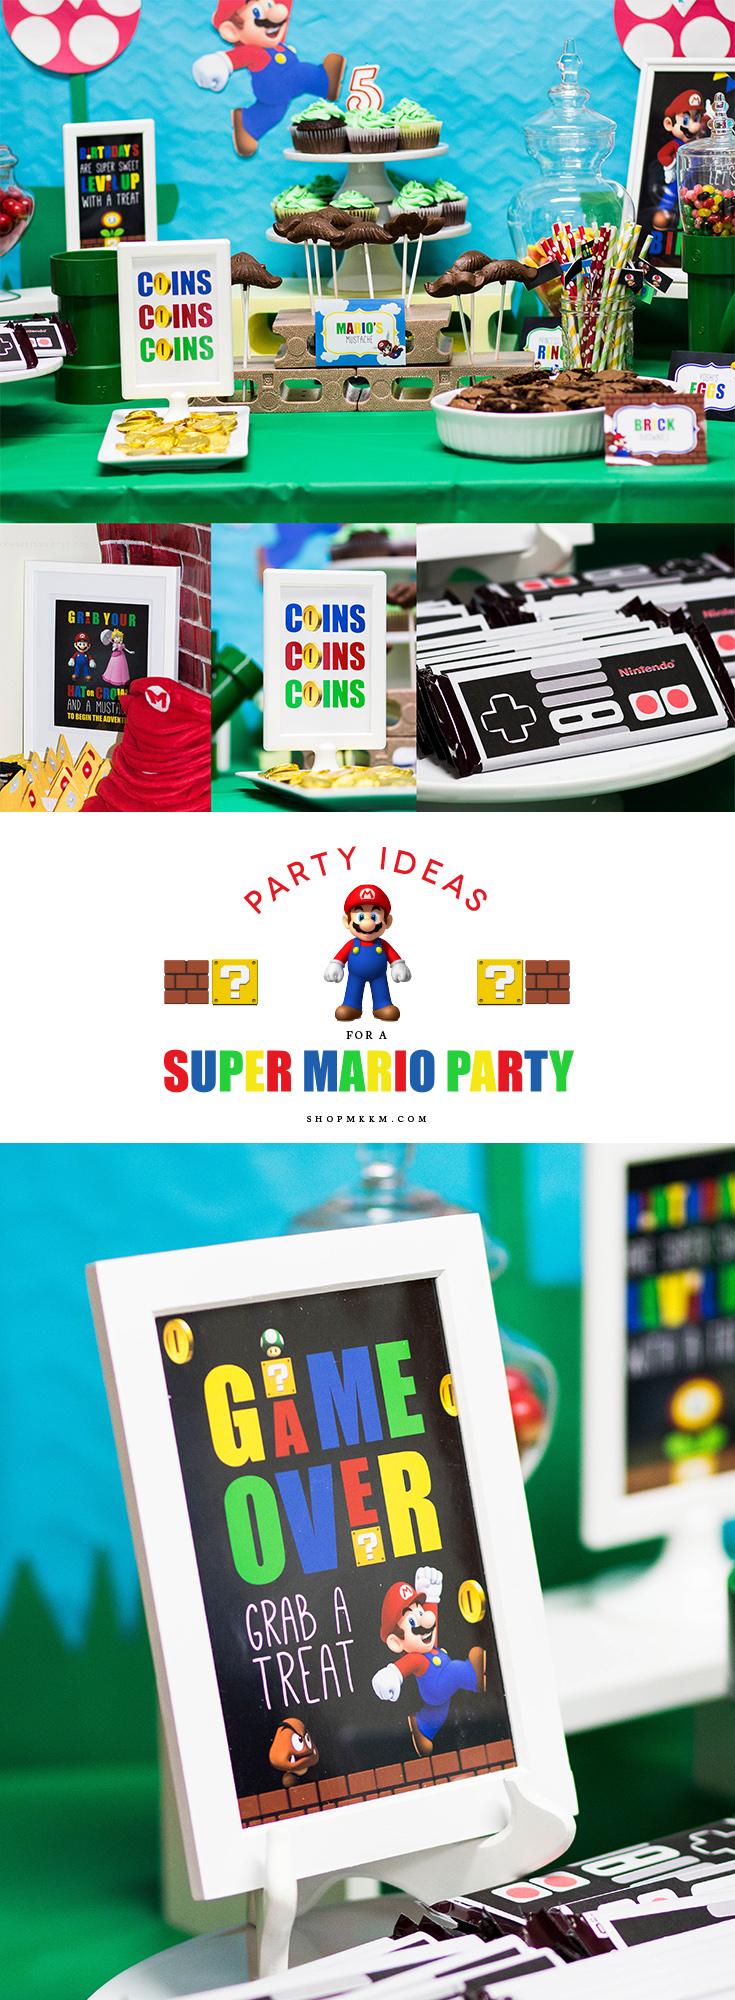 super mario party recap with free